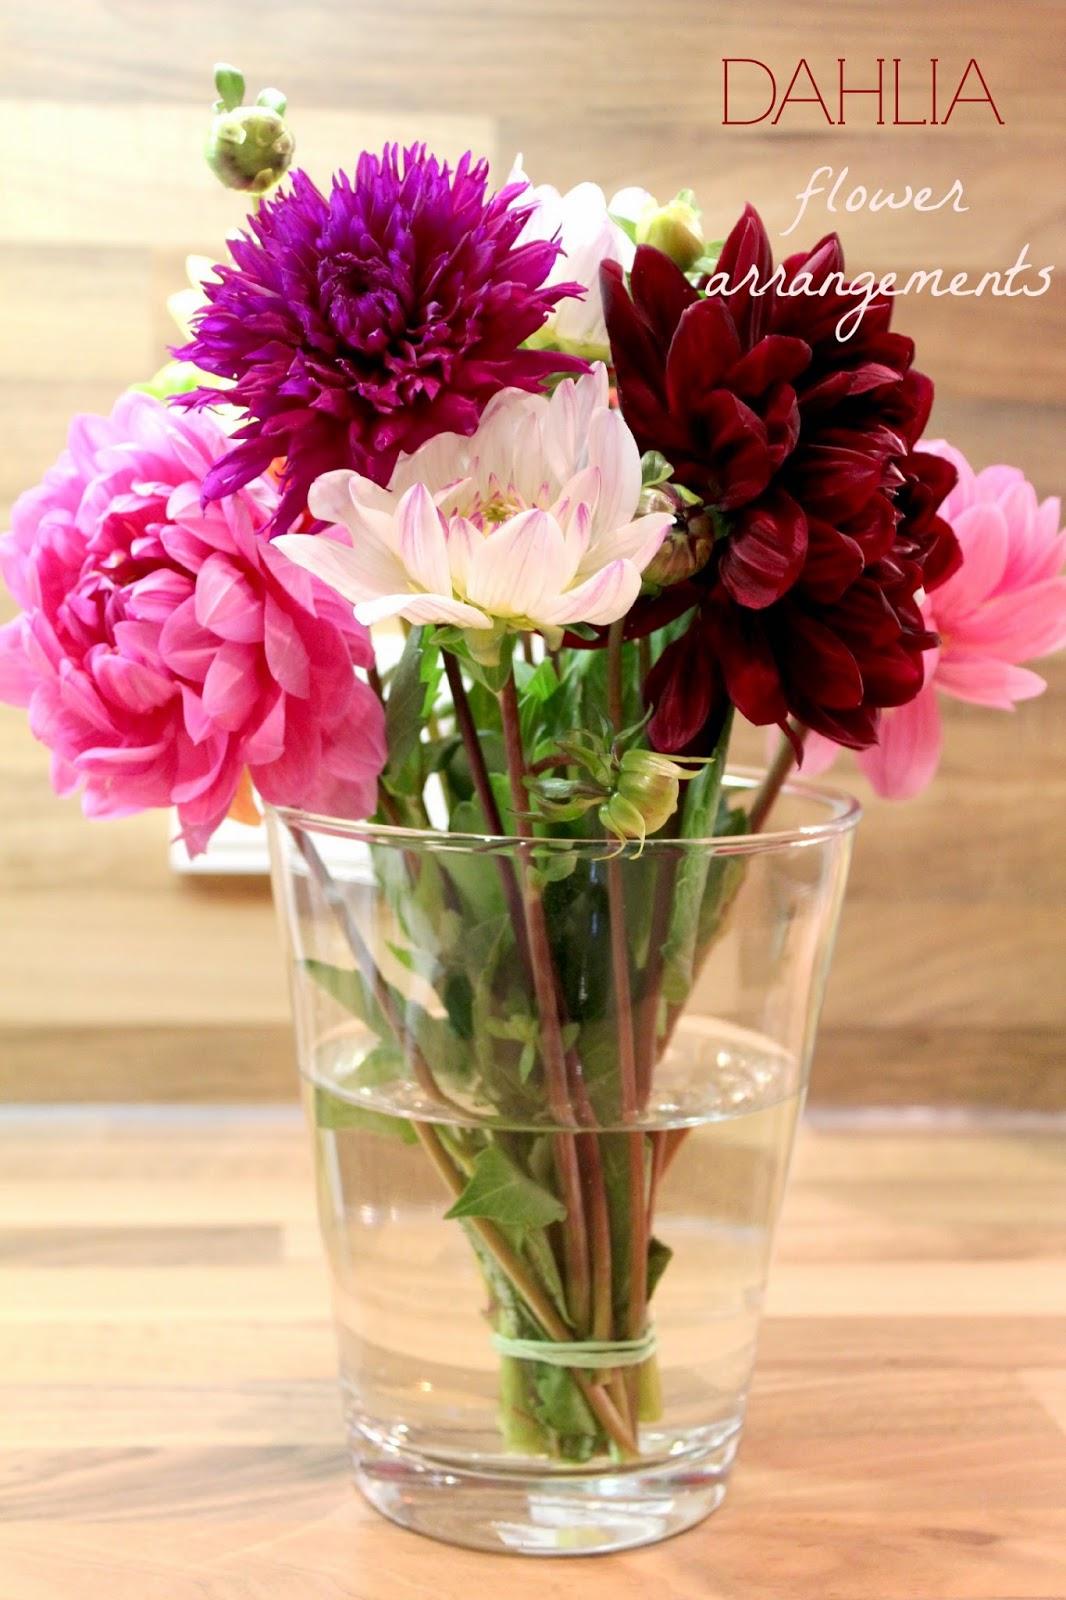 Dahlia flower arrangements vanilla lash dahlia flower arrangements izmirmasajfo